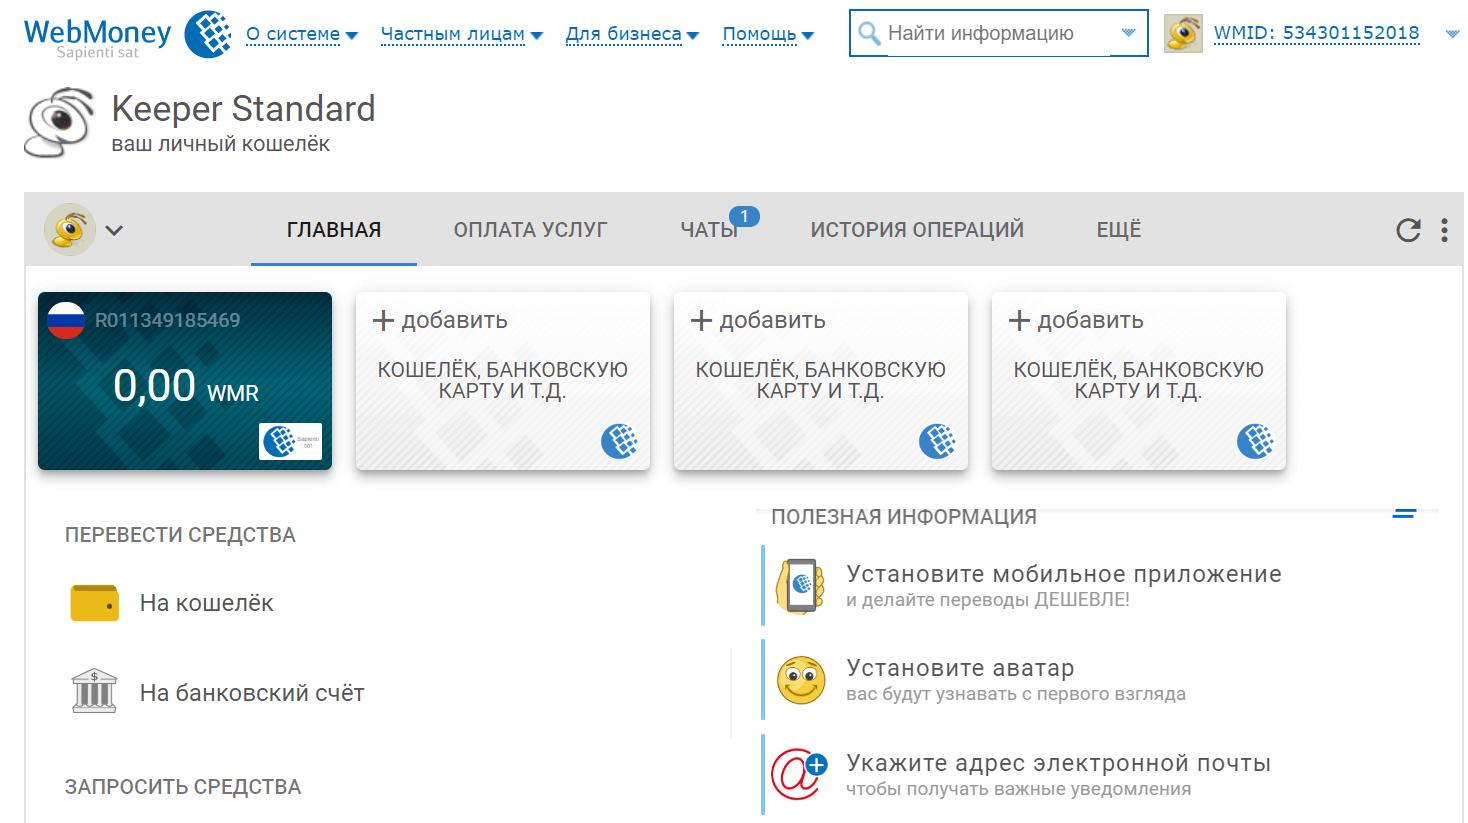 личный кошелек вебмани